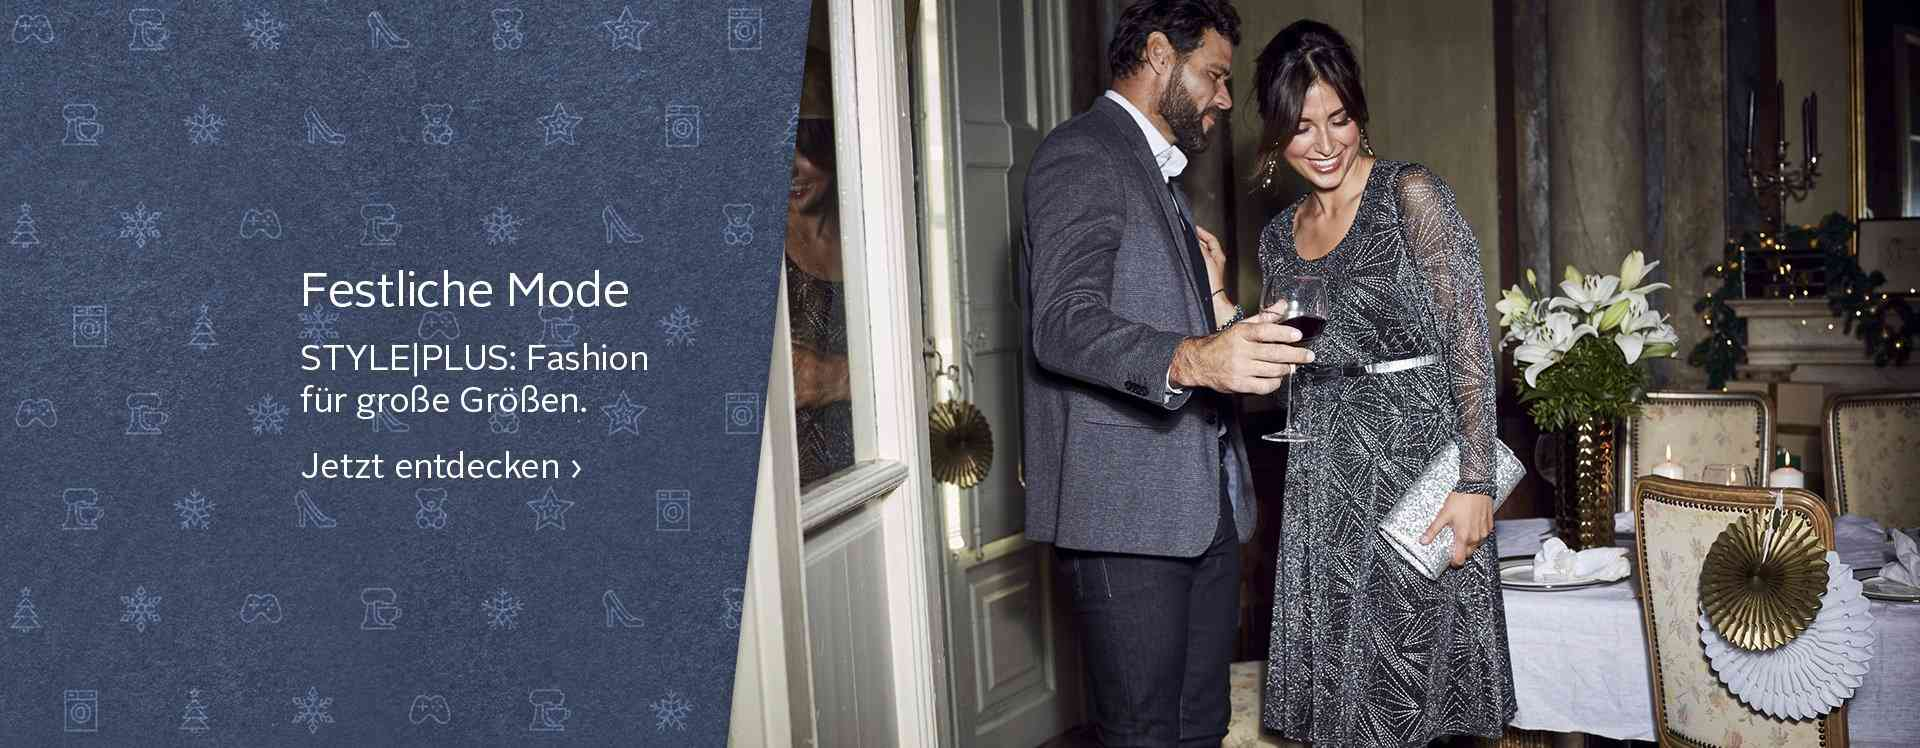 Feierliche Anlässe finden sich immer, hier auch die passende Kleidung: festliche Mode für Damen und Herren in großen Größen. Jetzt stöbern!